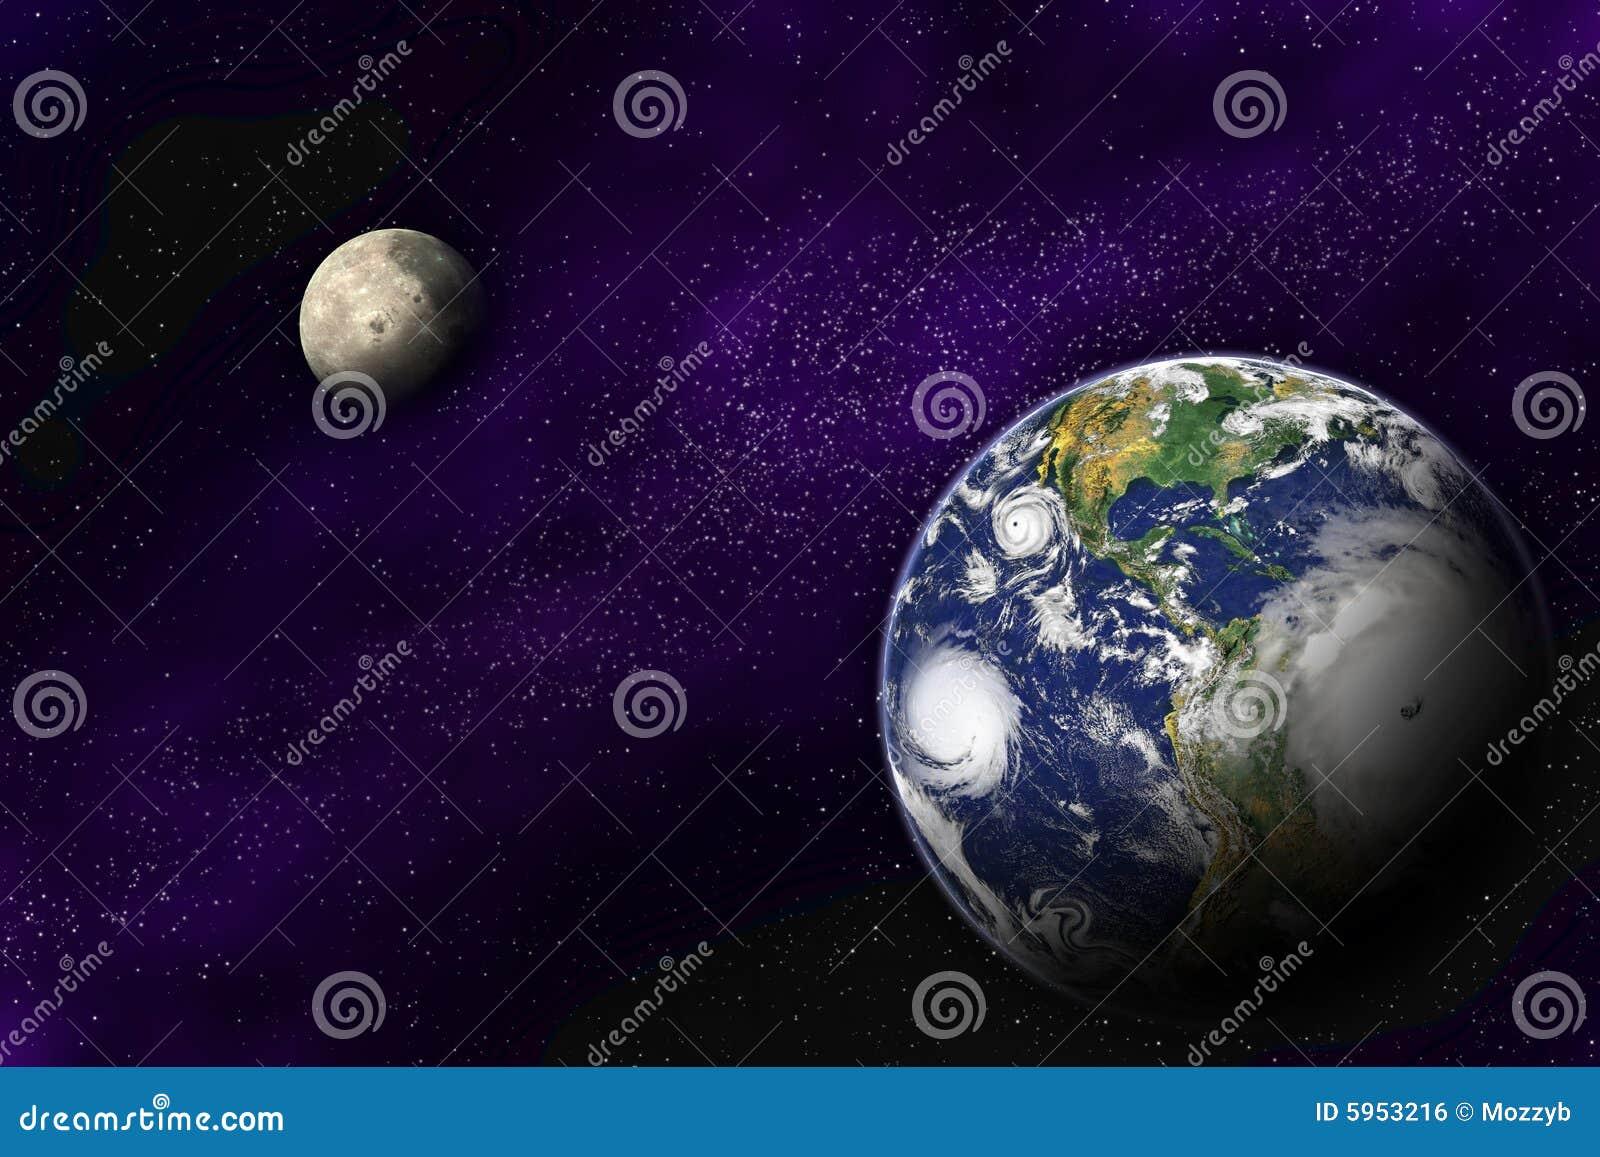 Ilustração Gratis Espaço Todos Os Universo Cosmos: Terra E Lua No Universo Profundo Ilustração Stock